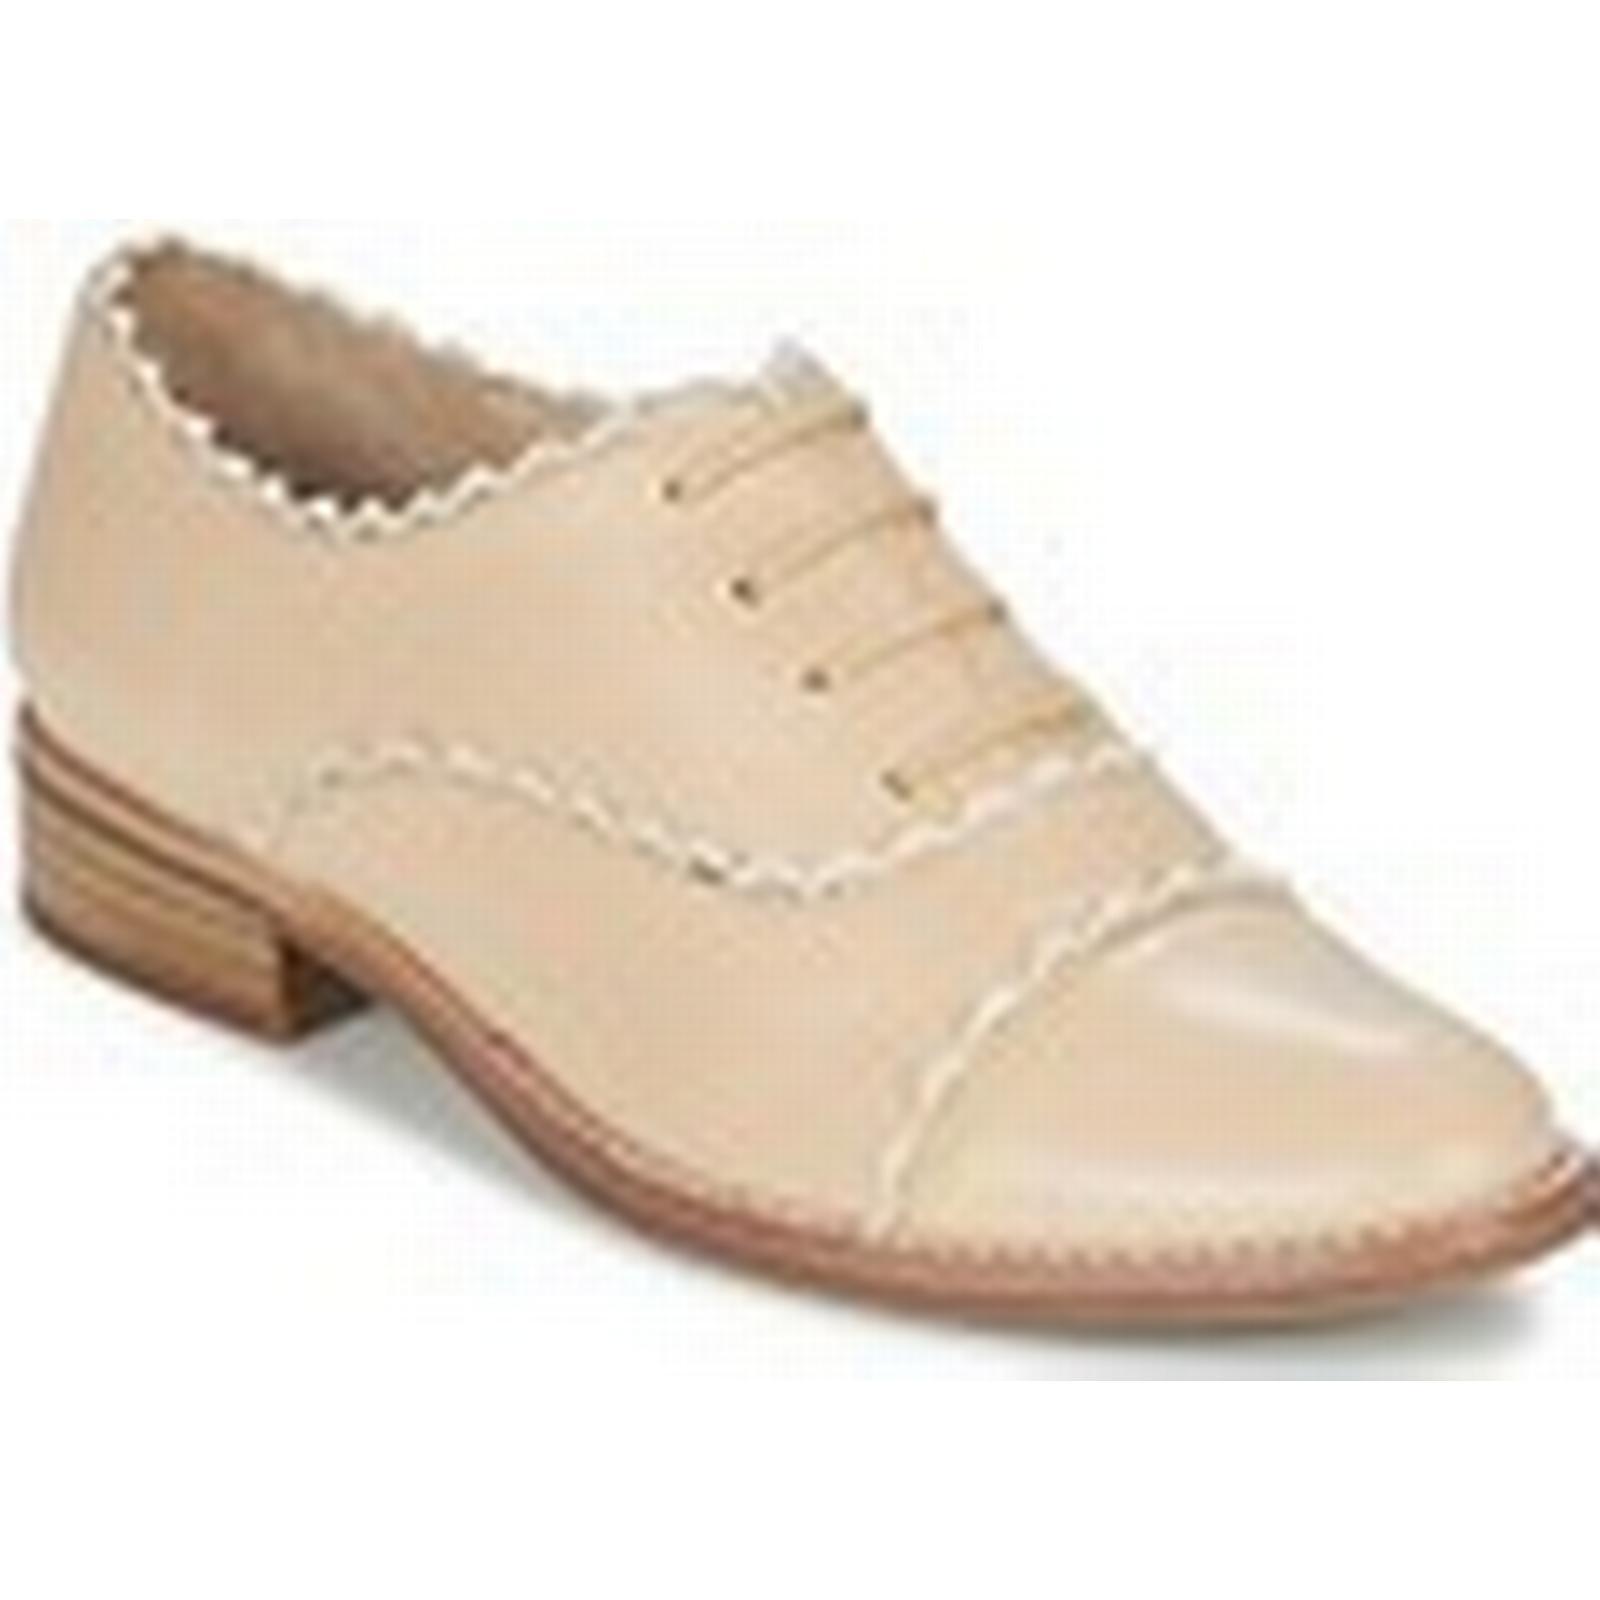 Paul   Joe Sister  BELIZA  Casual women's Casual  Shoes in Beige e31a45